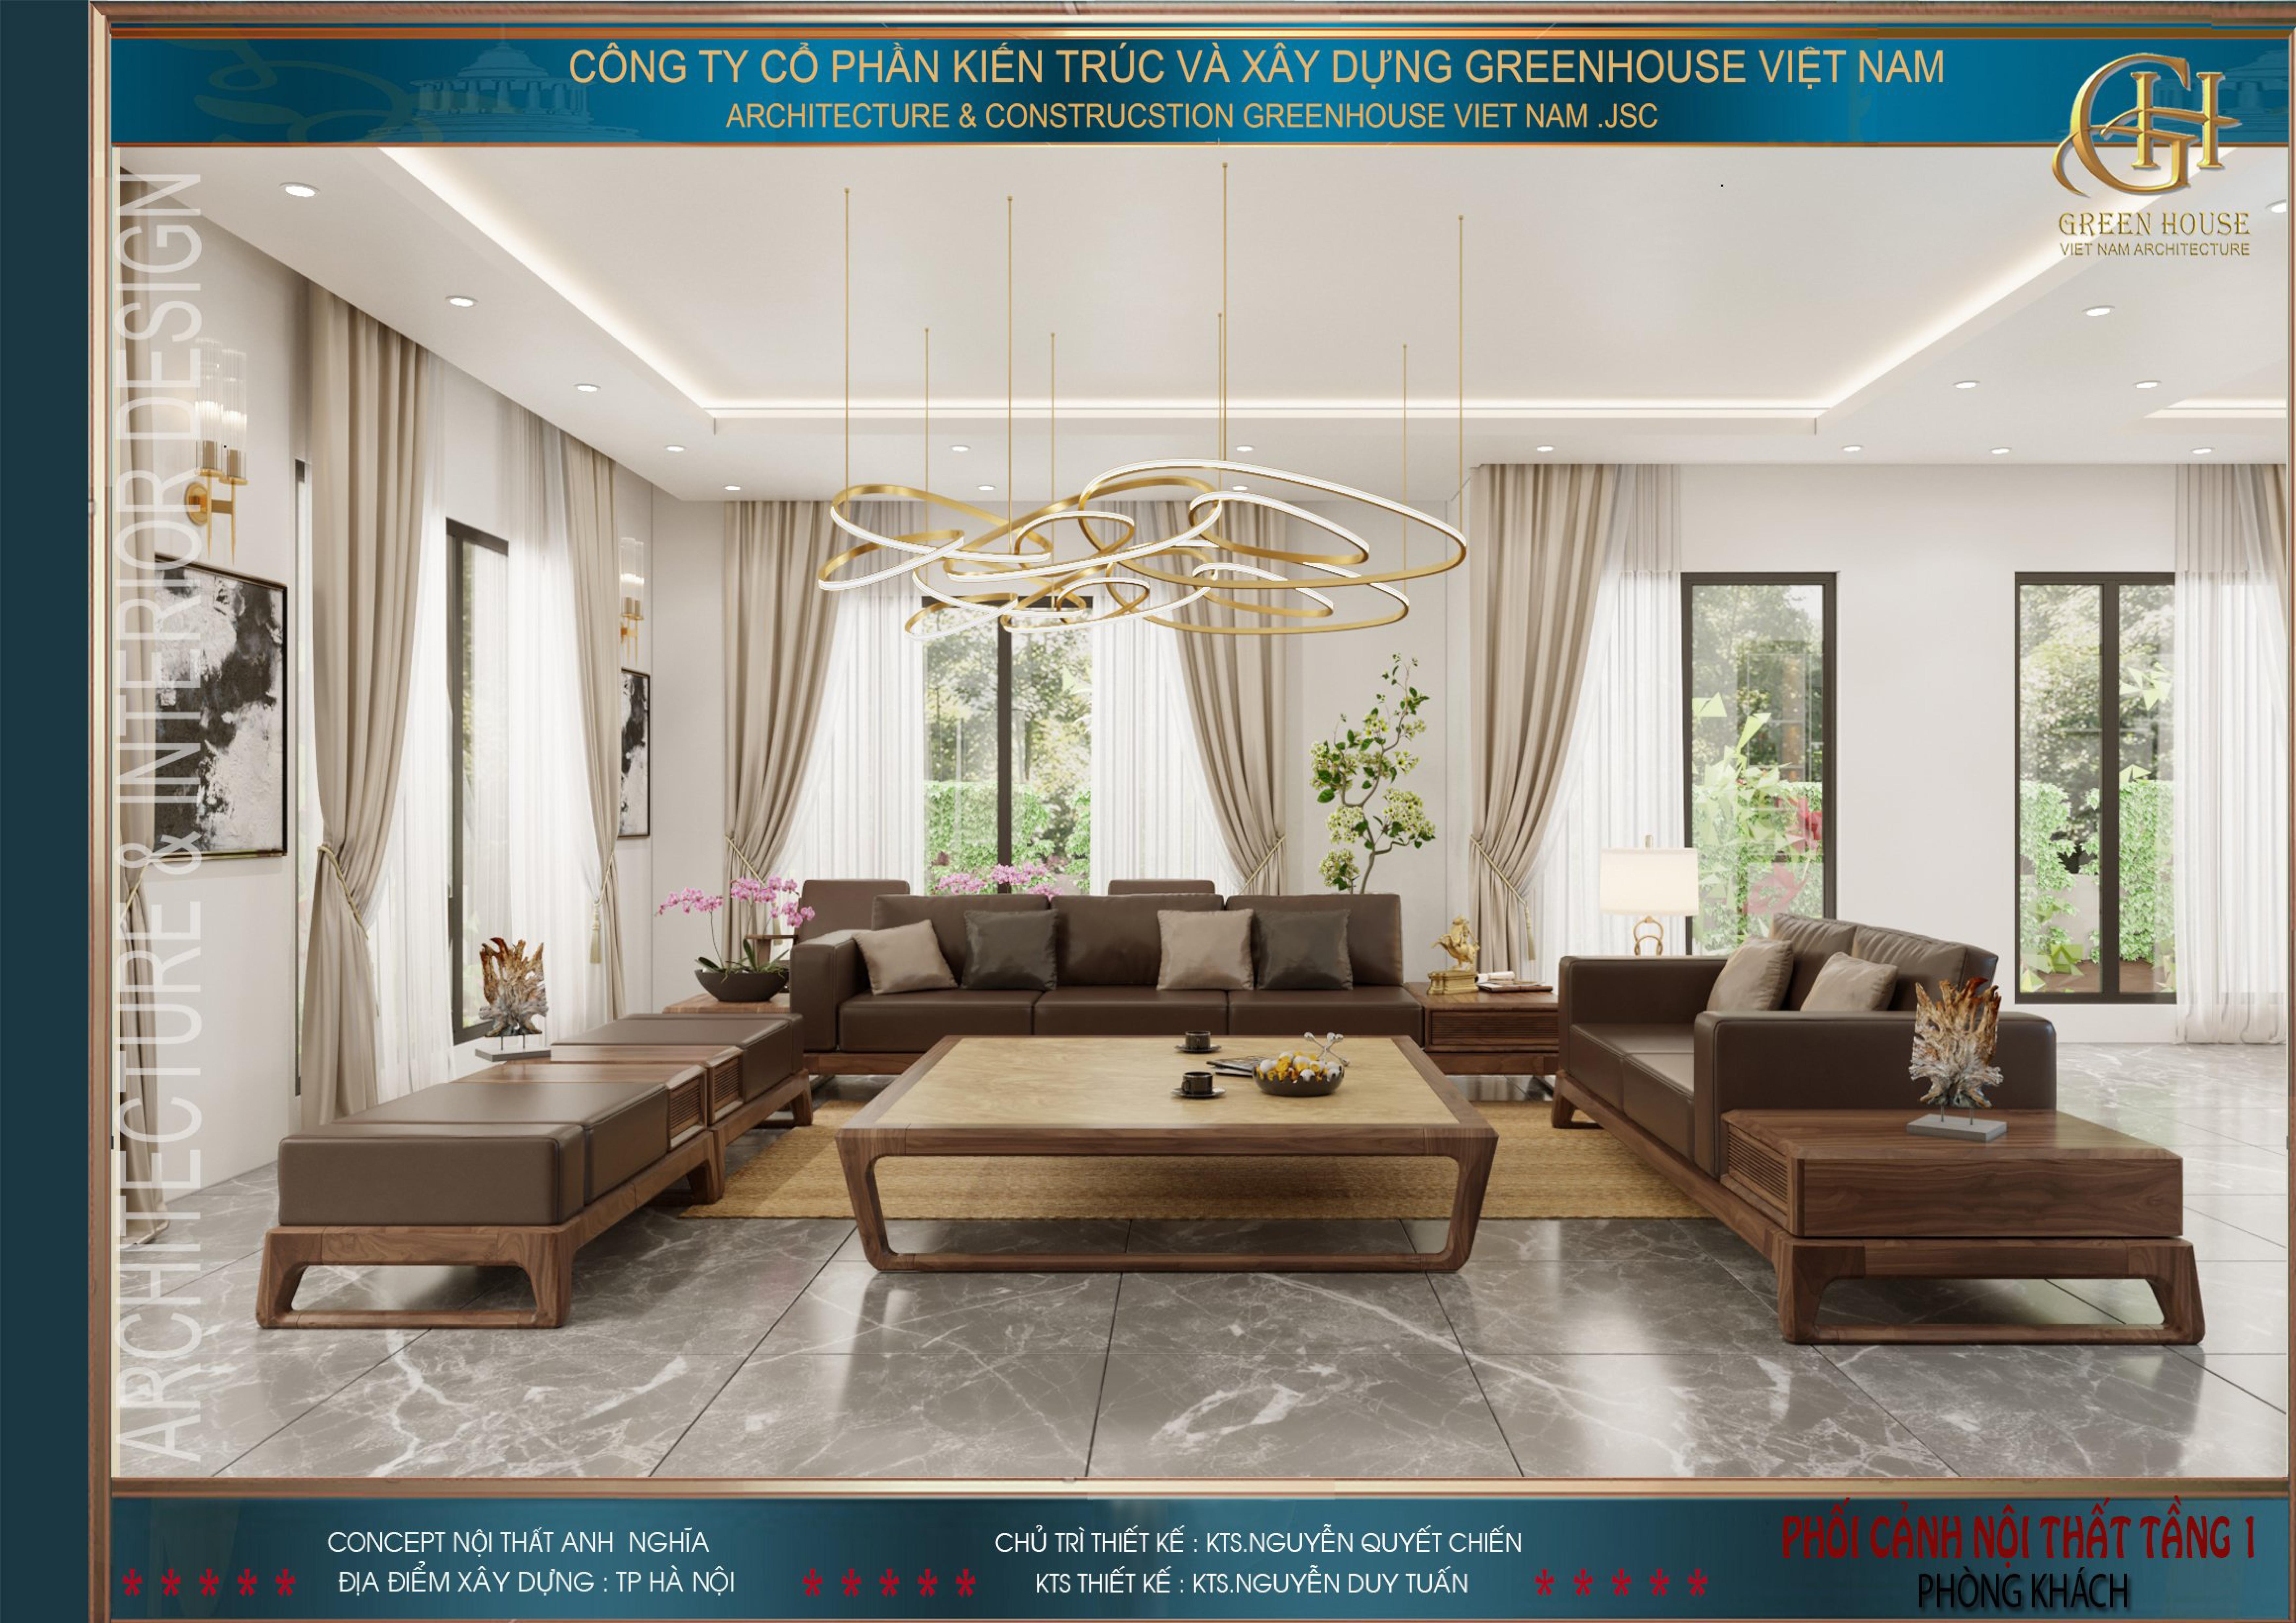 Tông màu nâu nhẹ nhàng được lựa chọn làm chủ đạo cho nội thất phòng khách